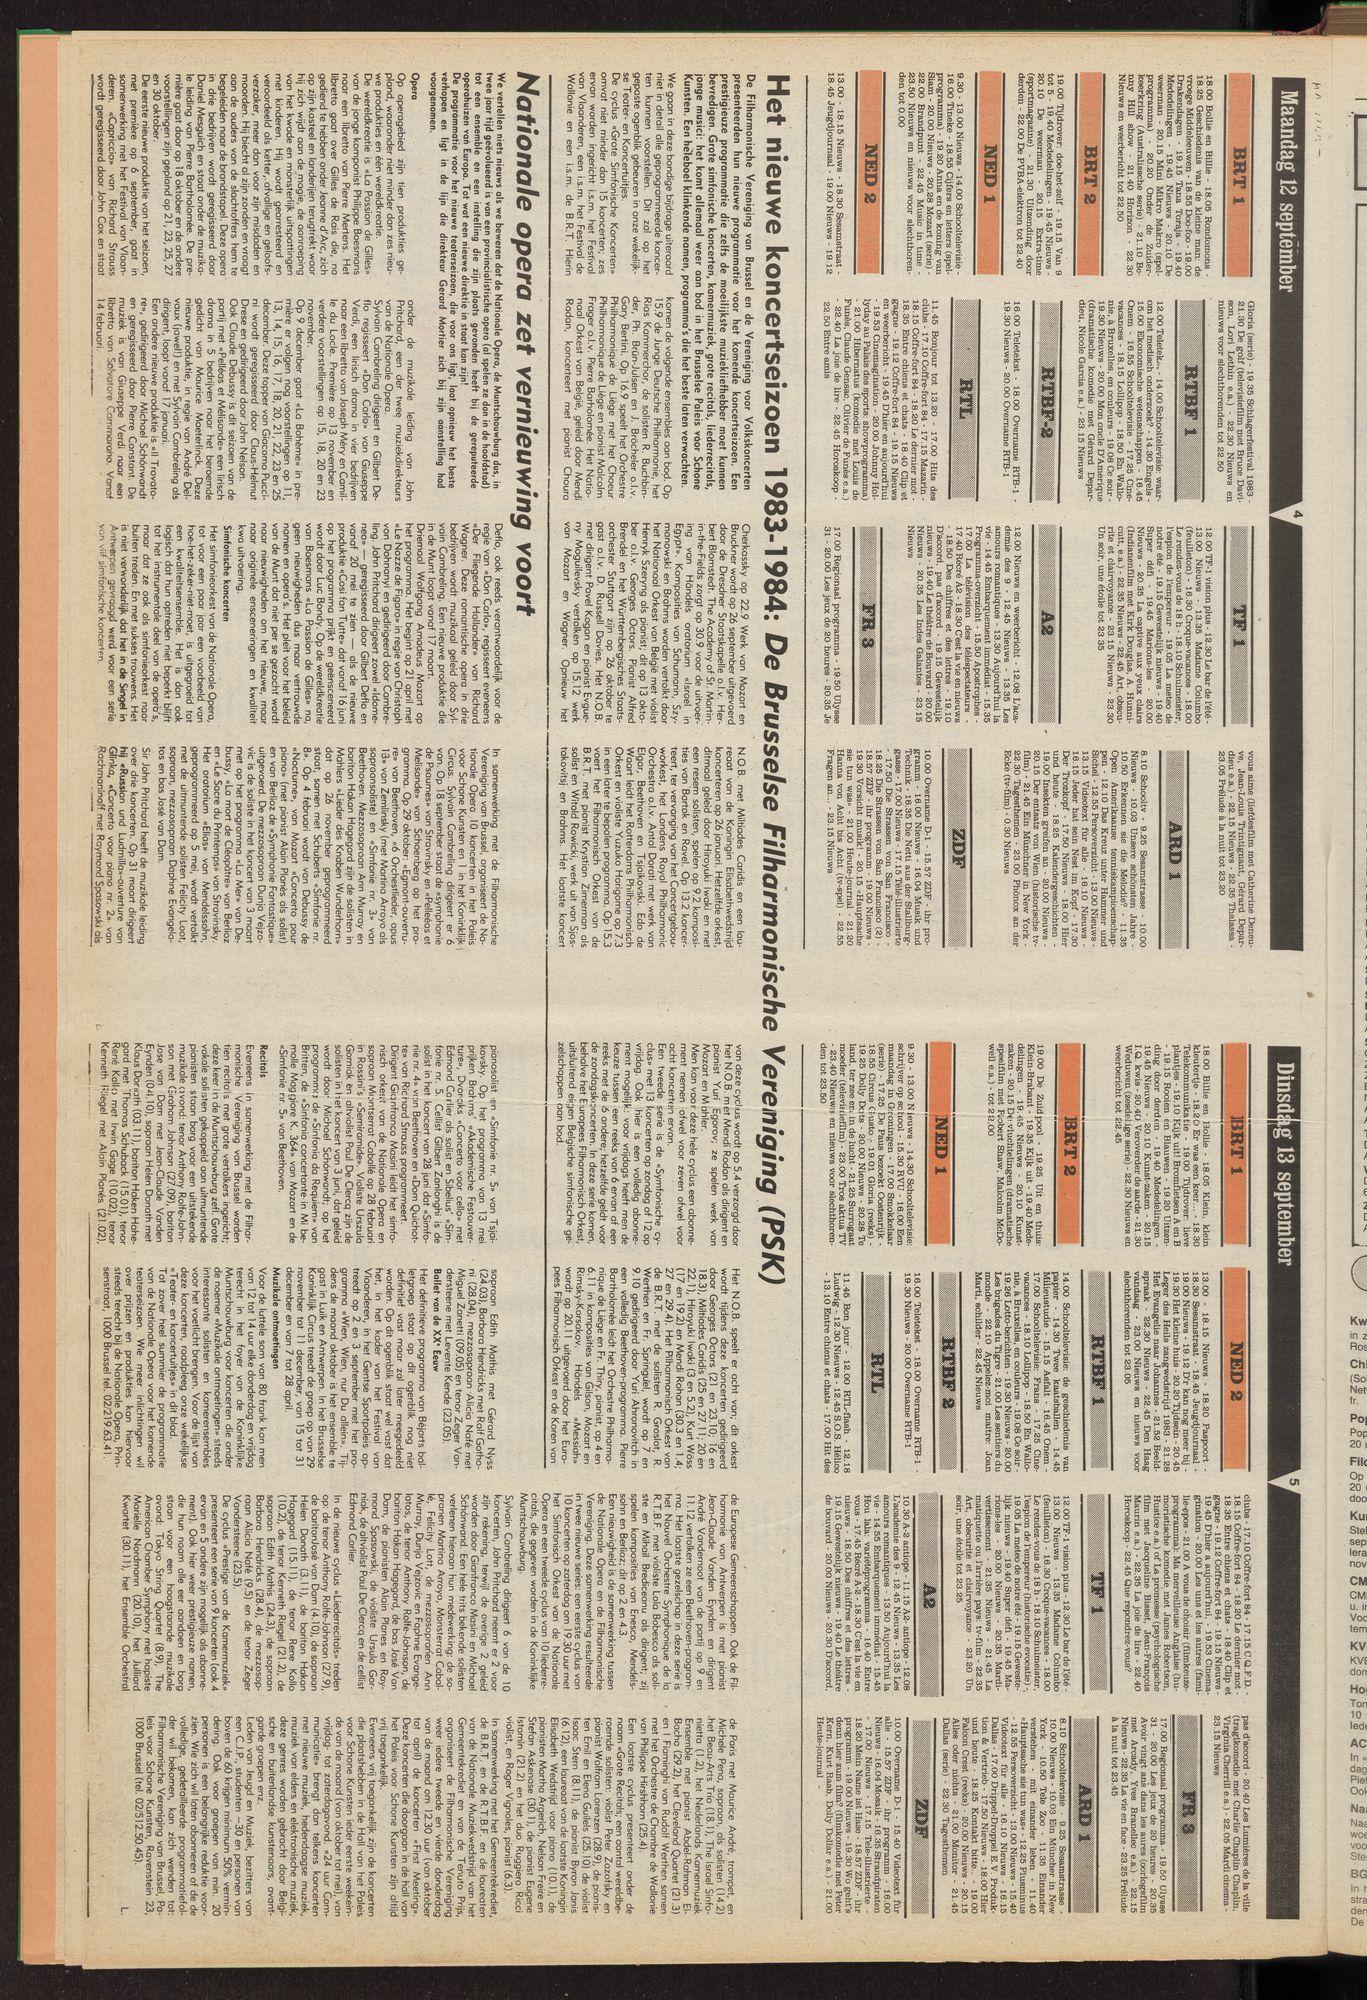 DE_VOORPOST 1983-09-09 p16